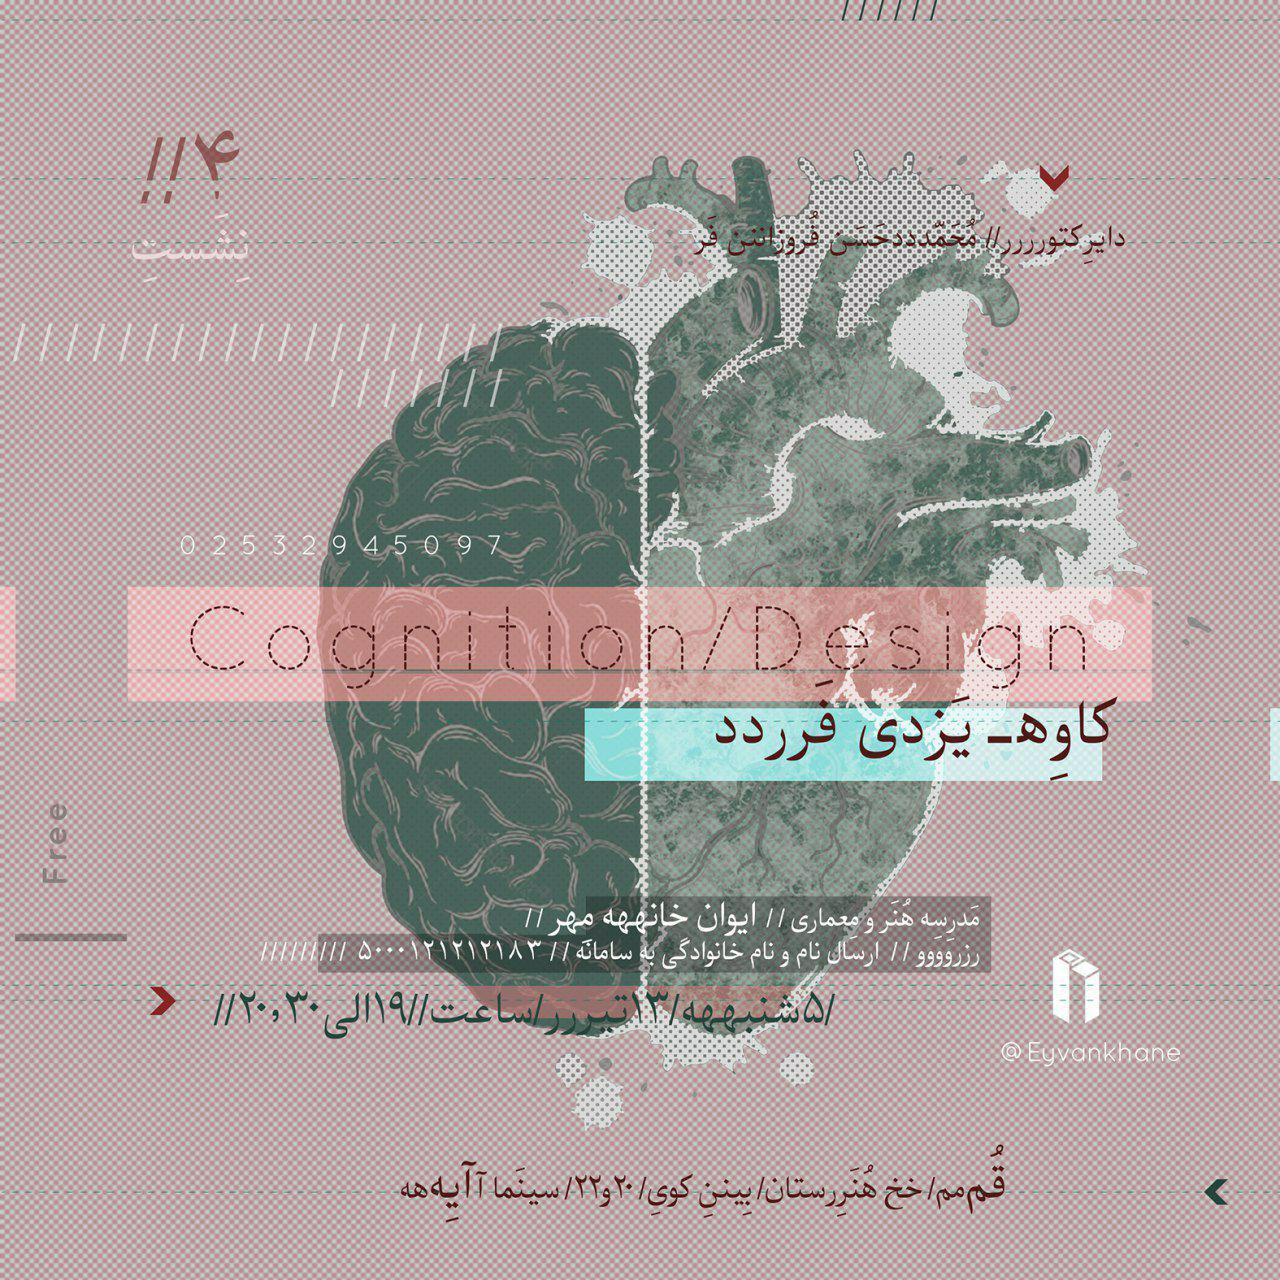 """""""ارتباط بین مغز و دیزاین"""" در نشست هاى تخصصى ایوان خانه مهر بررسی می شود"""